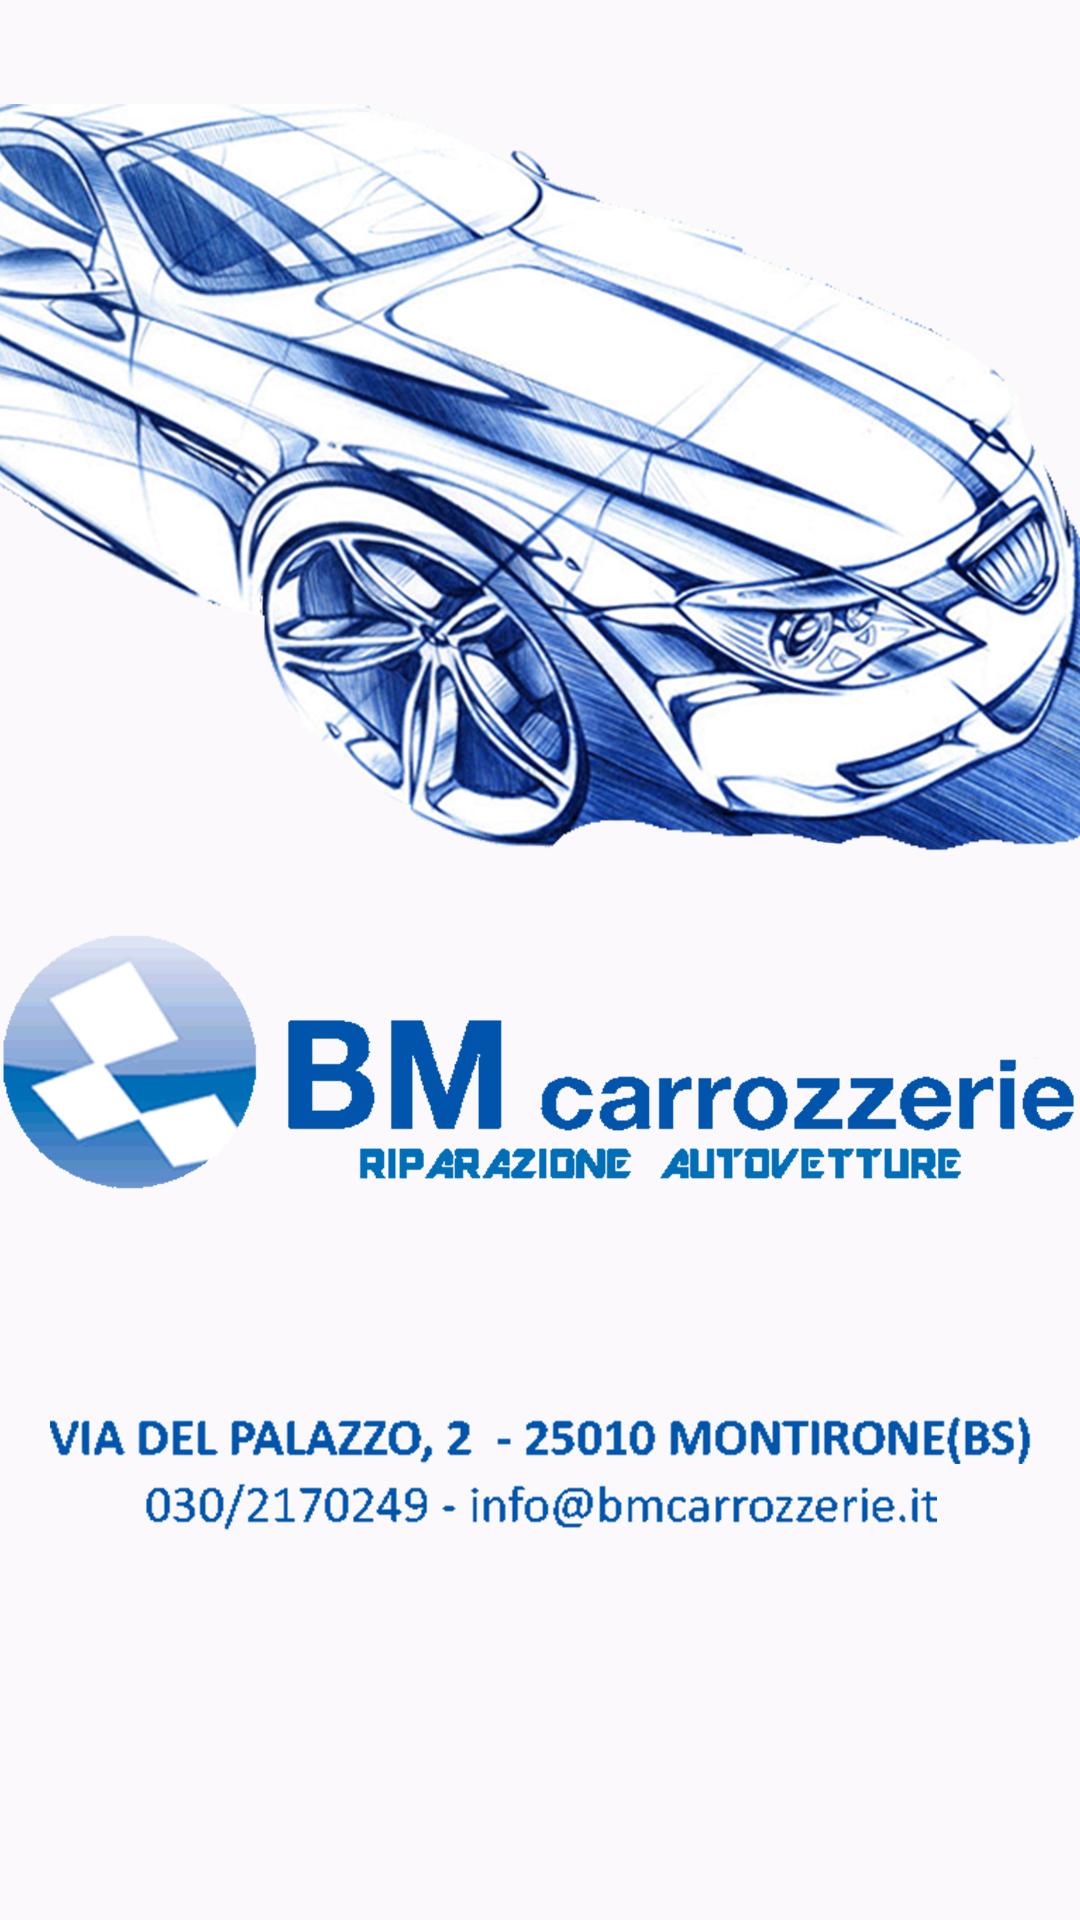 BM carrozzerie auto